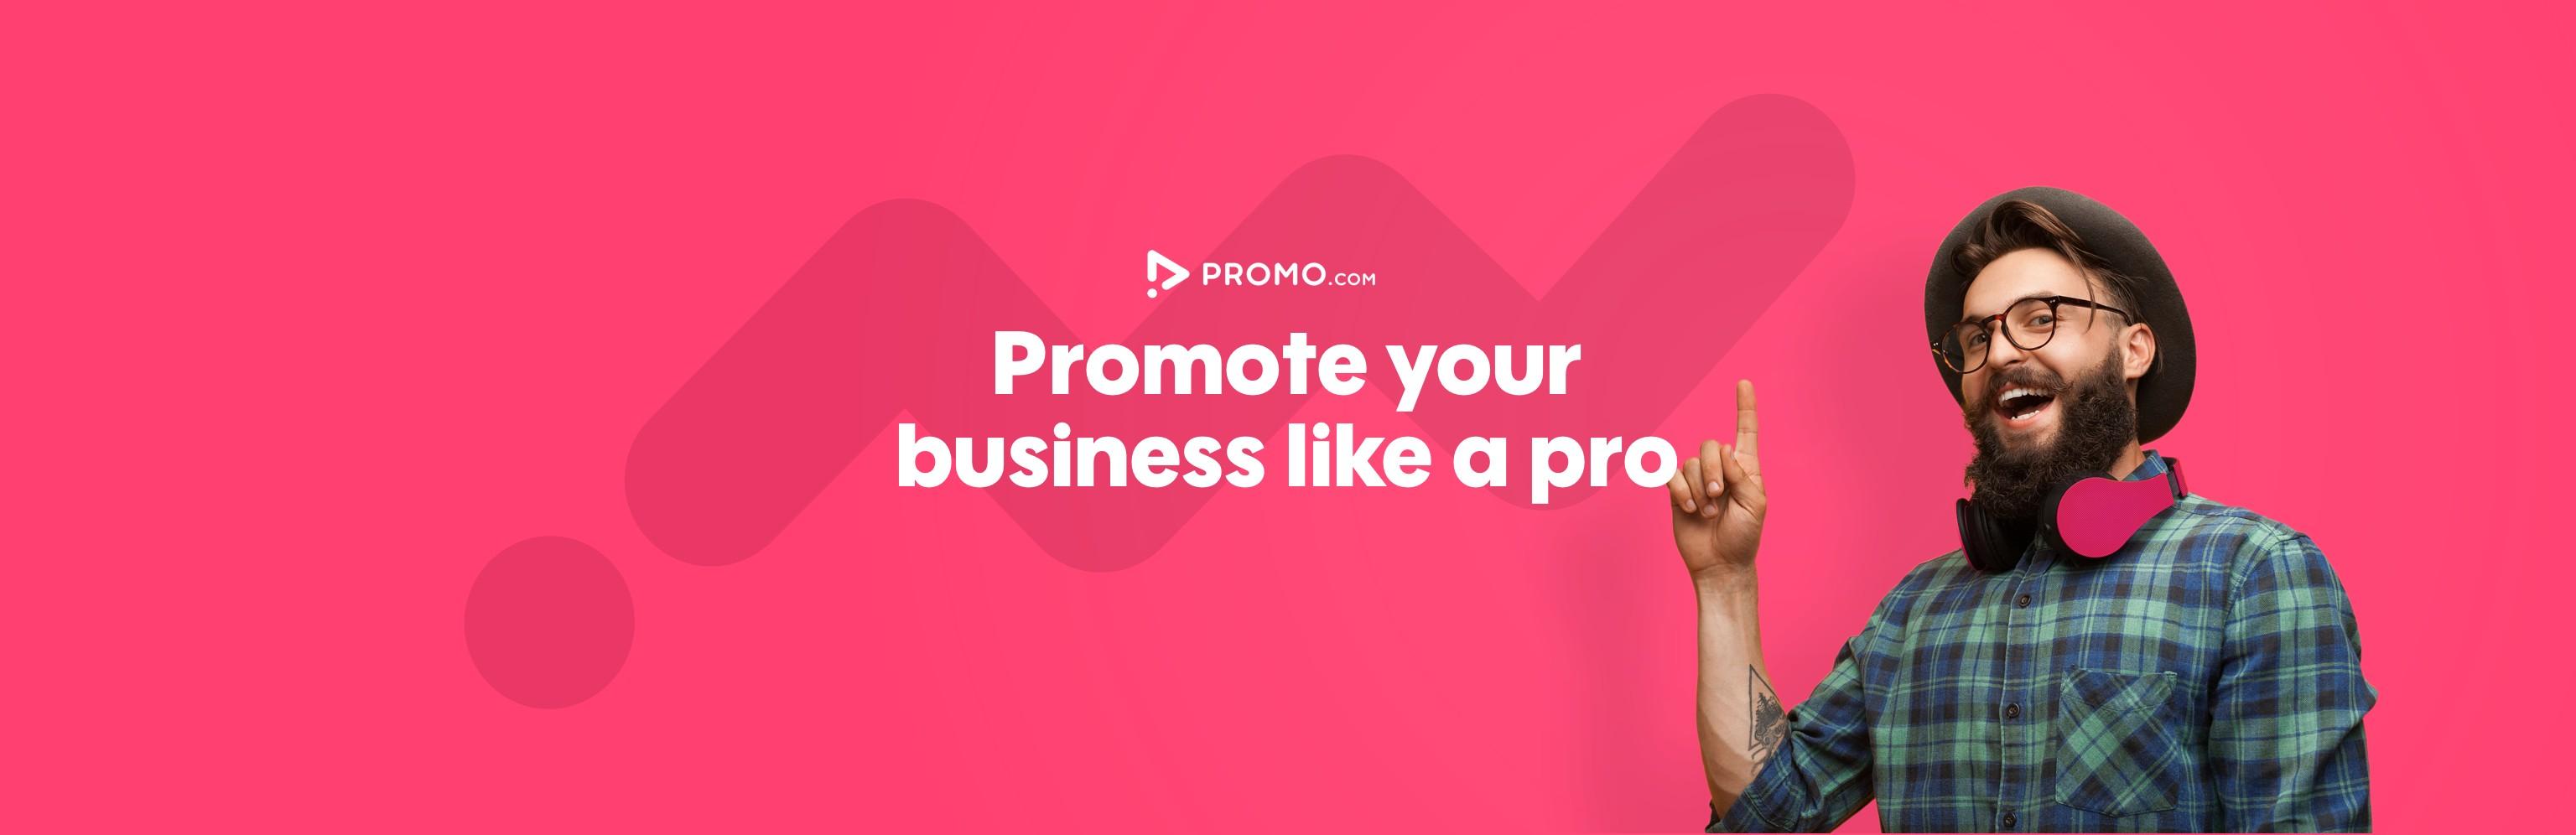 Сайт Promo.com признался в утечке данных 22 млн своих пользователей